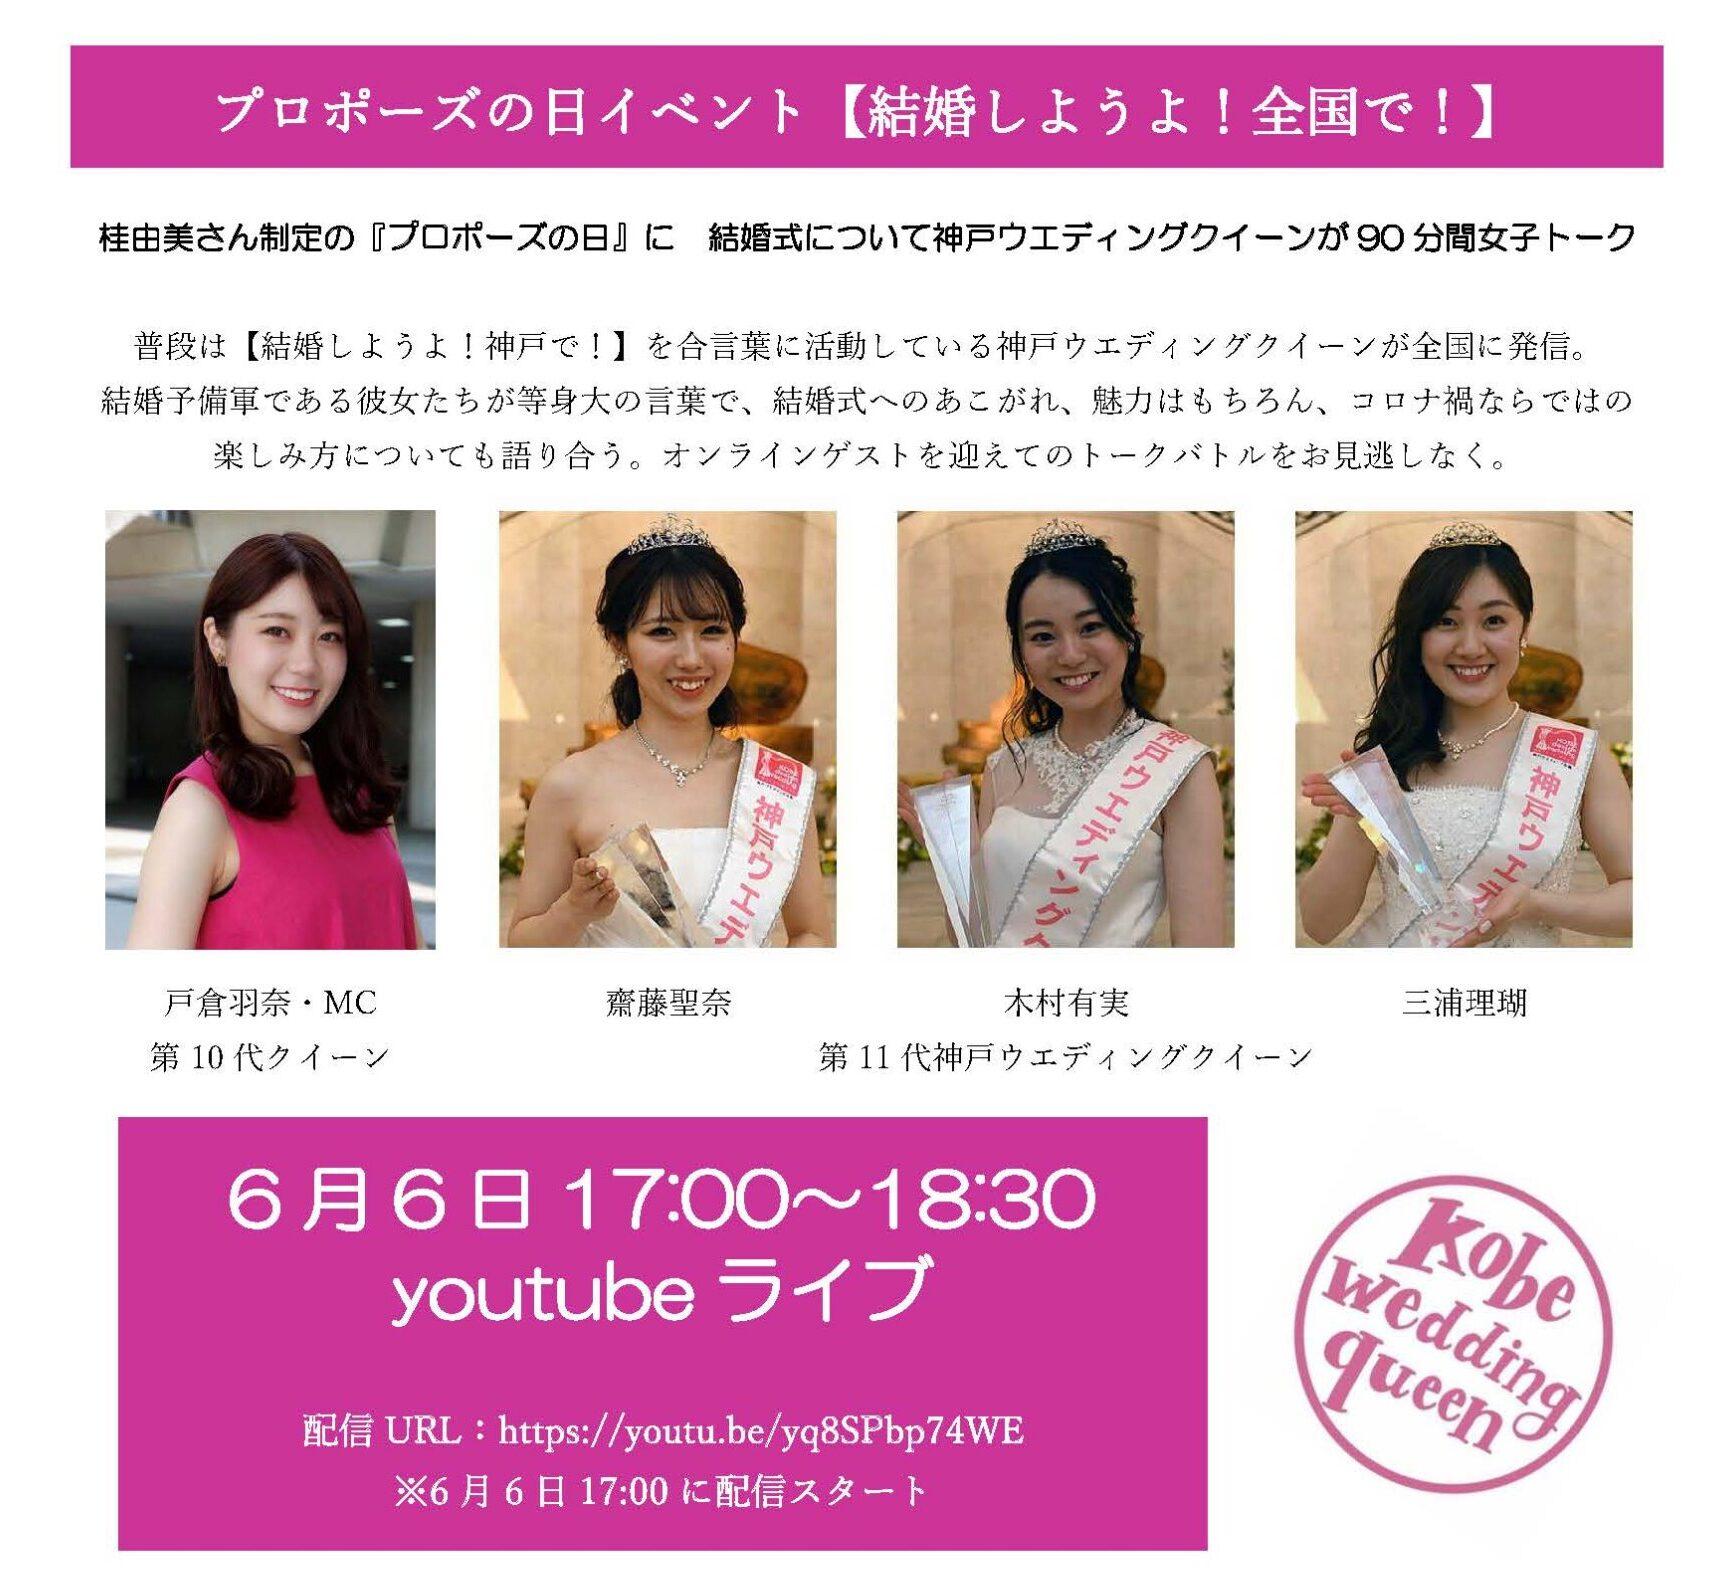 6月6日プロポーズの日YouTubeイベント【結婚しようよ!全国で!】(神戸ウエディング会議)